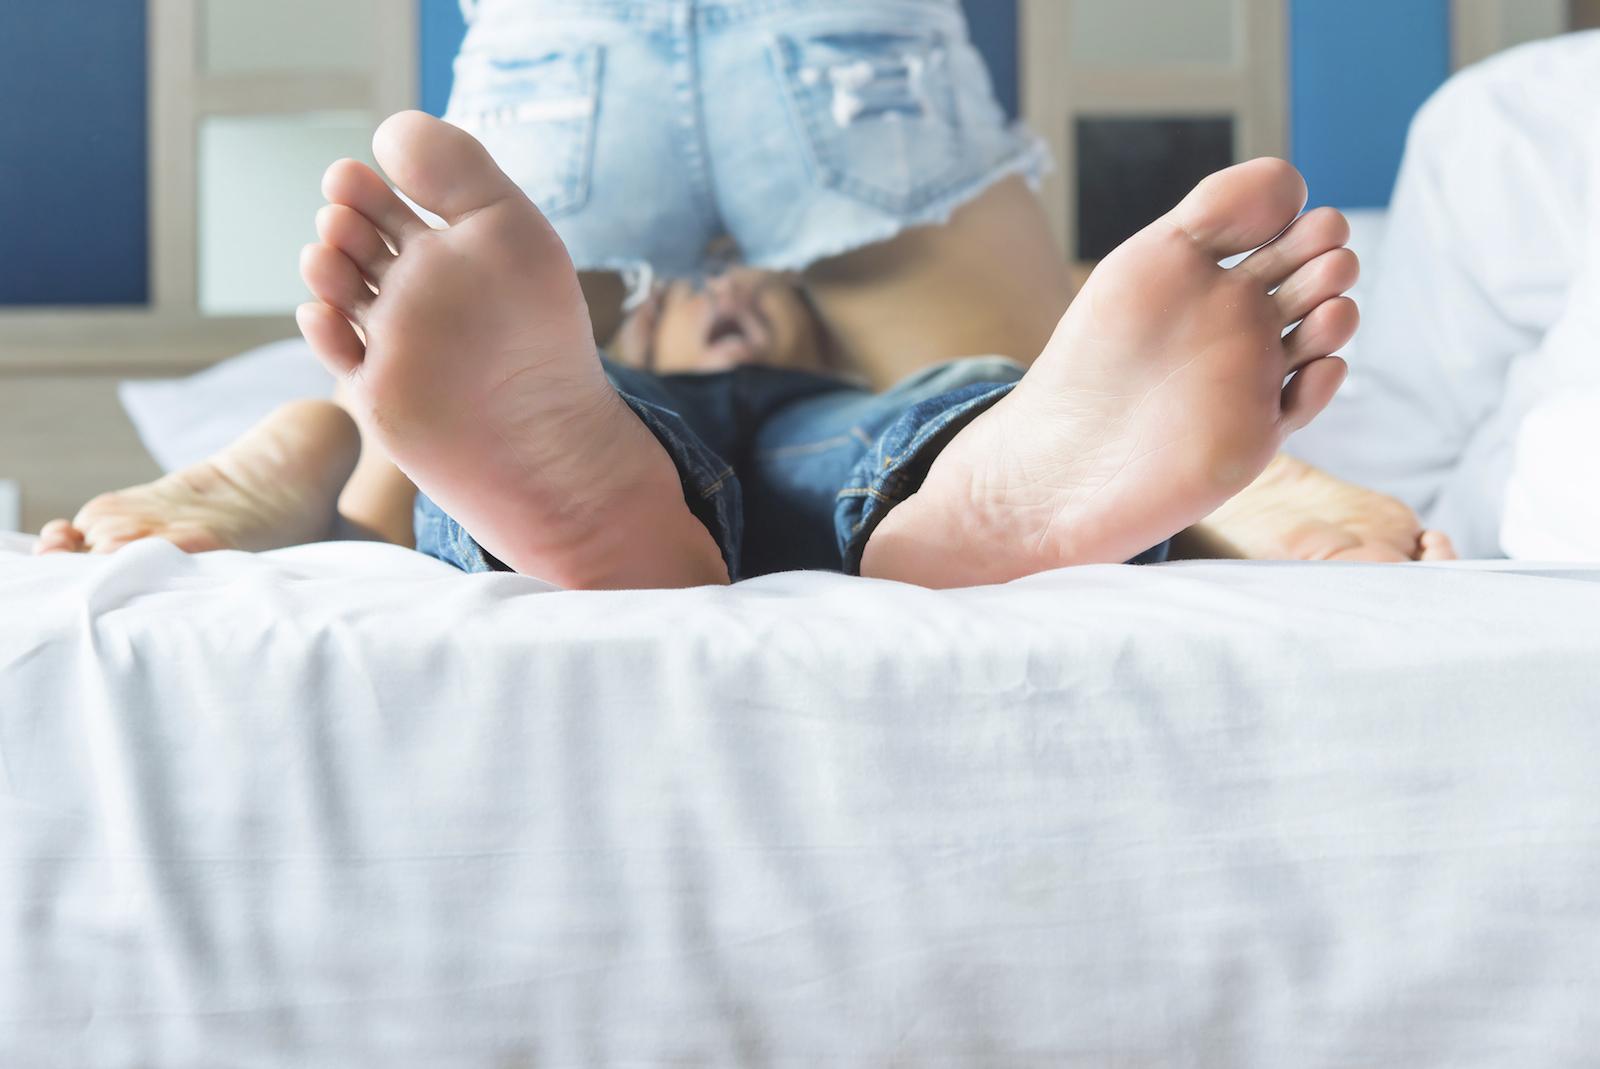 sesso come farlo massaggi donne